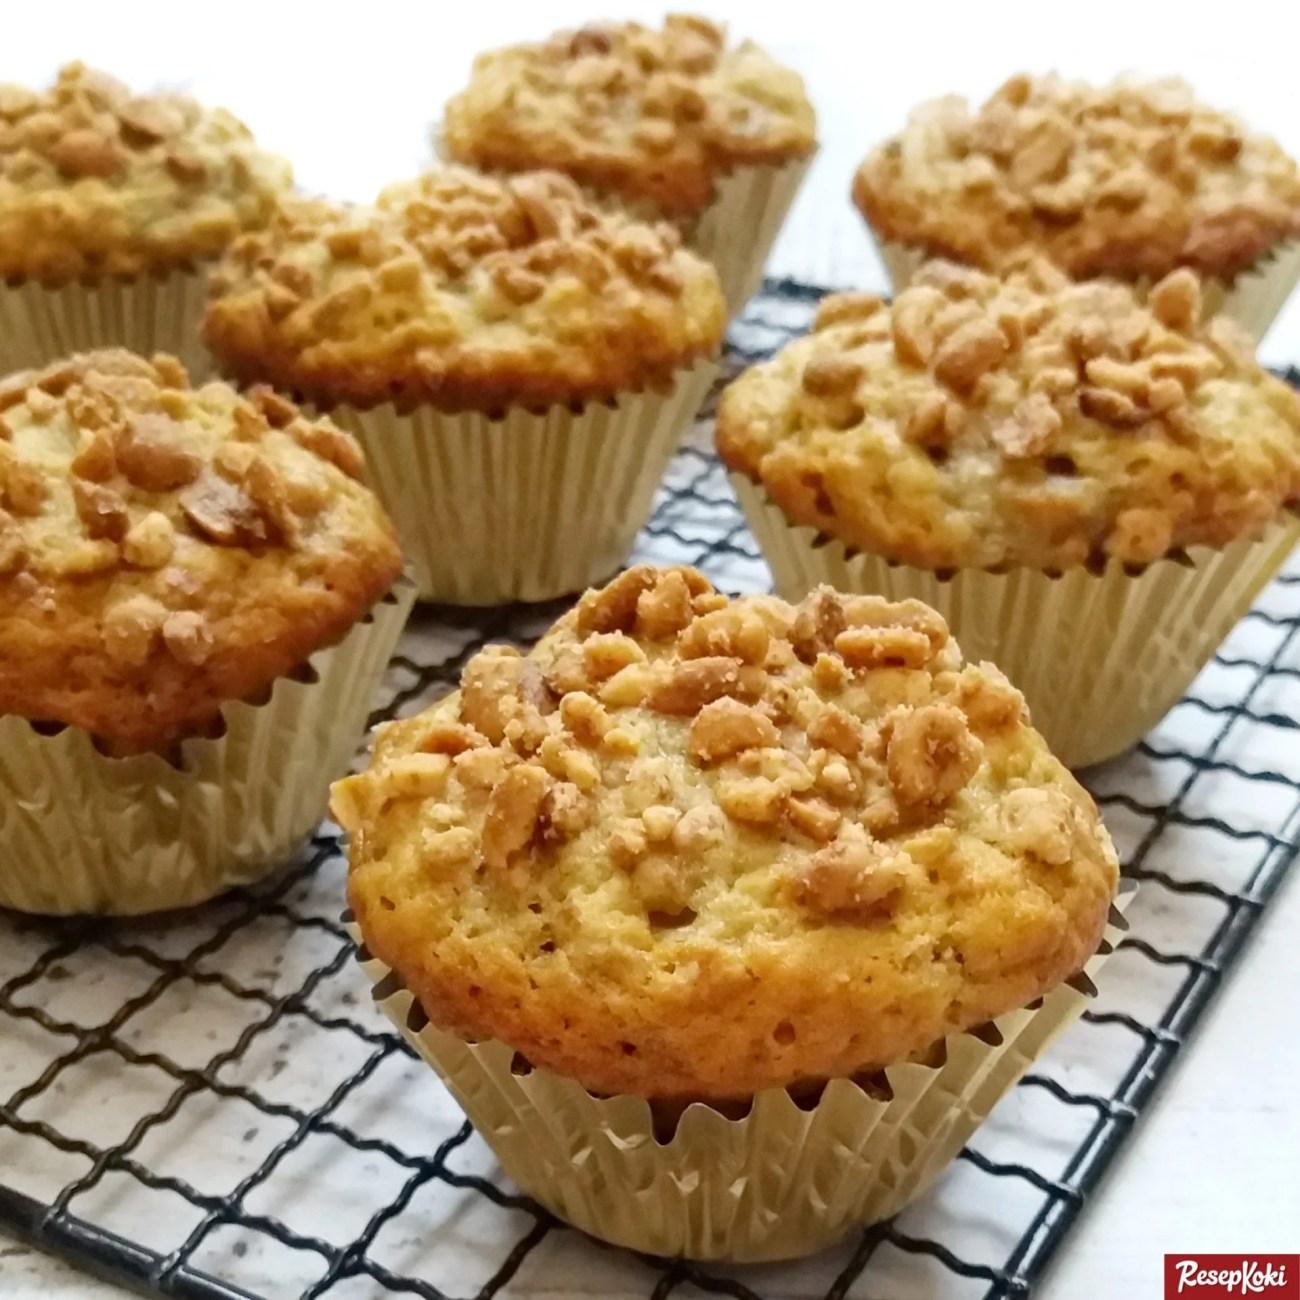 8 Kue Roti Murah Dan Mudah Dibuat Untuk Pemula Resepkoki